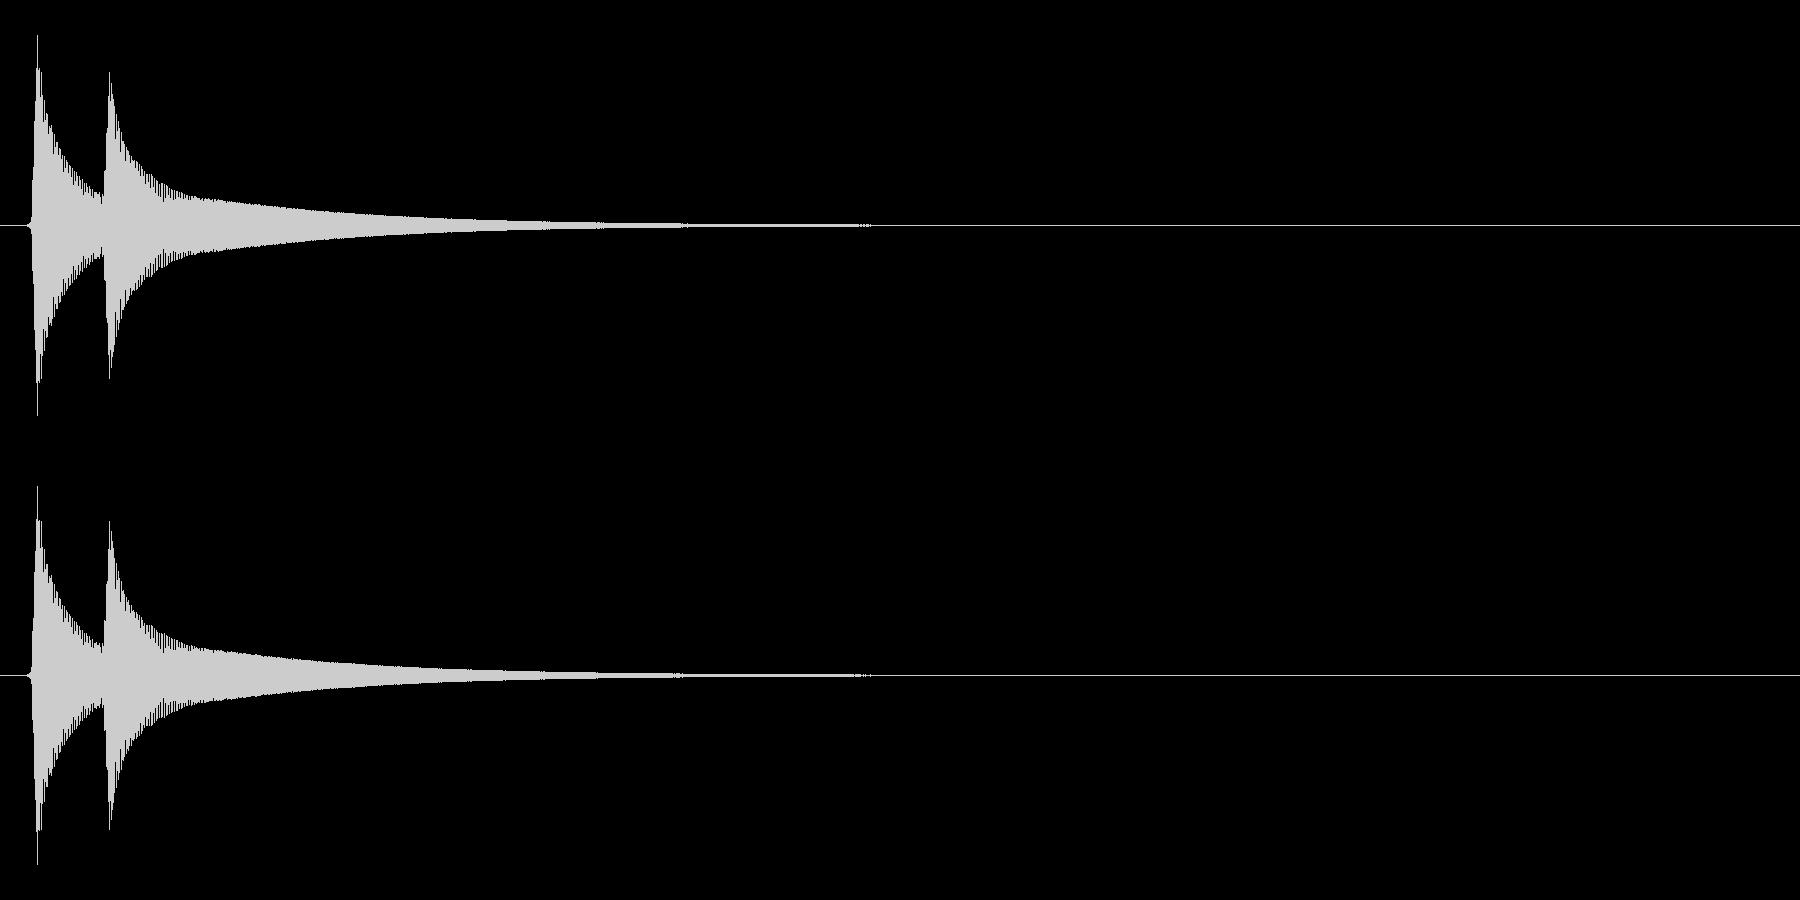 ピコーン↑(注目、解答ボタン)の未再生の波形